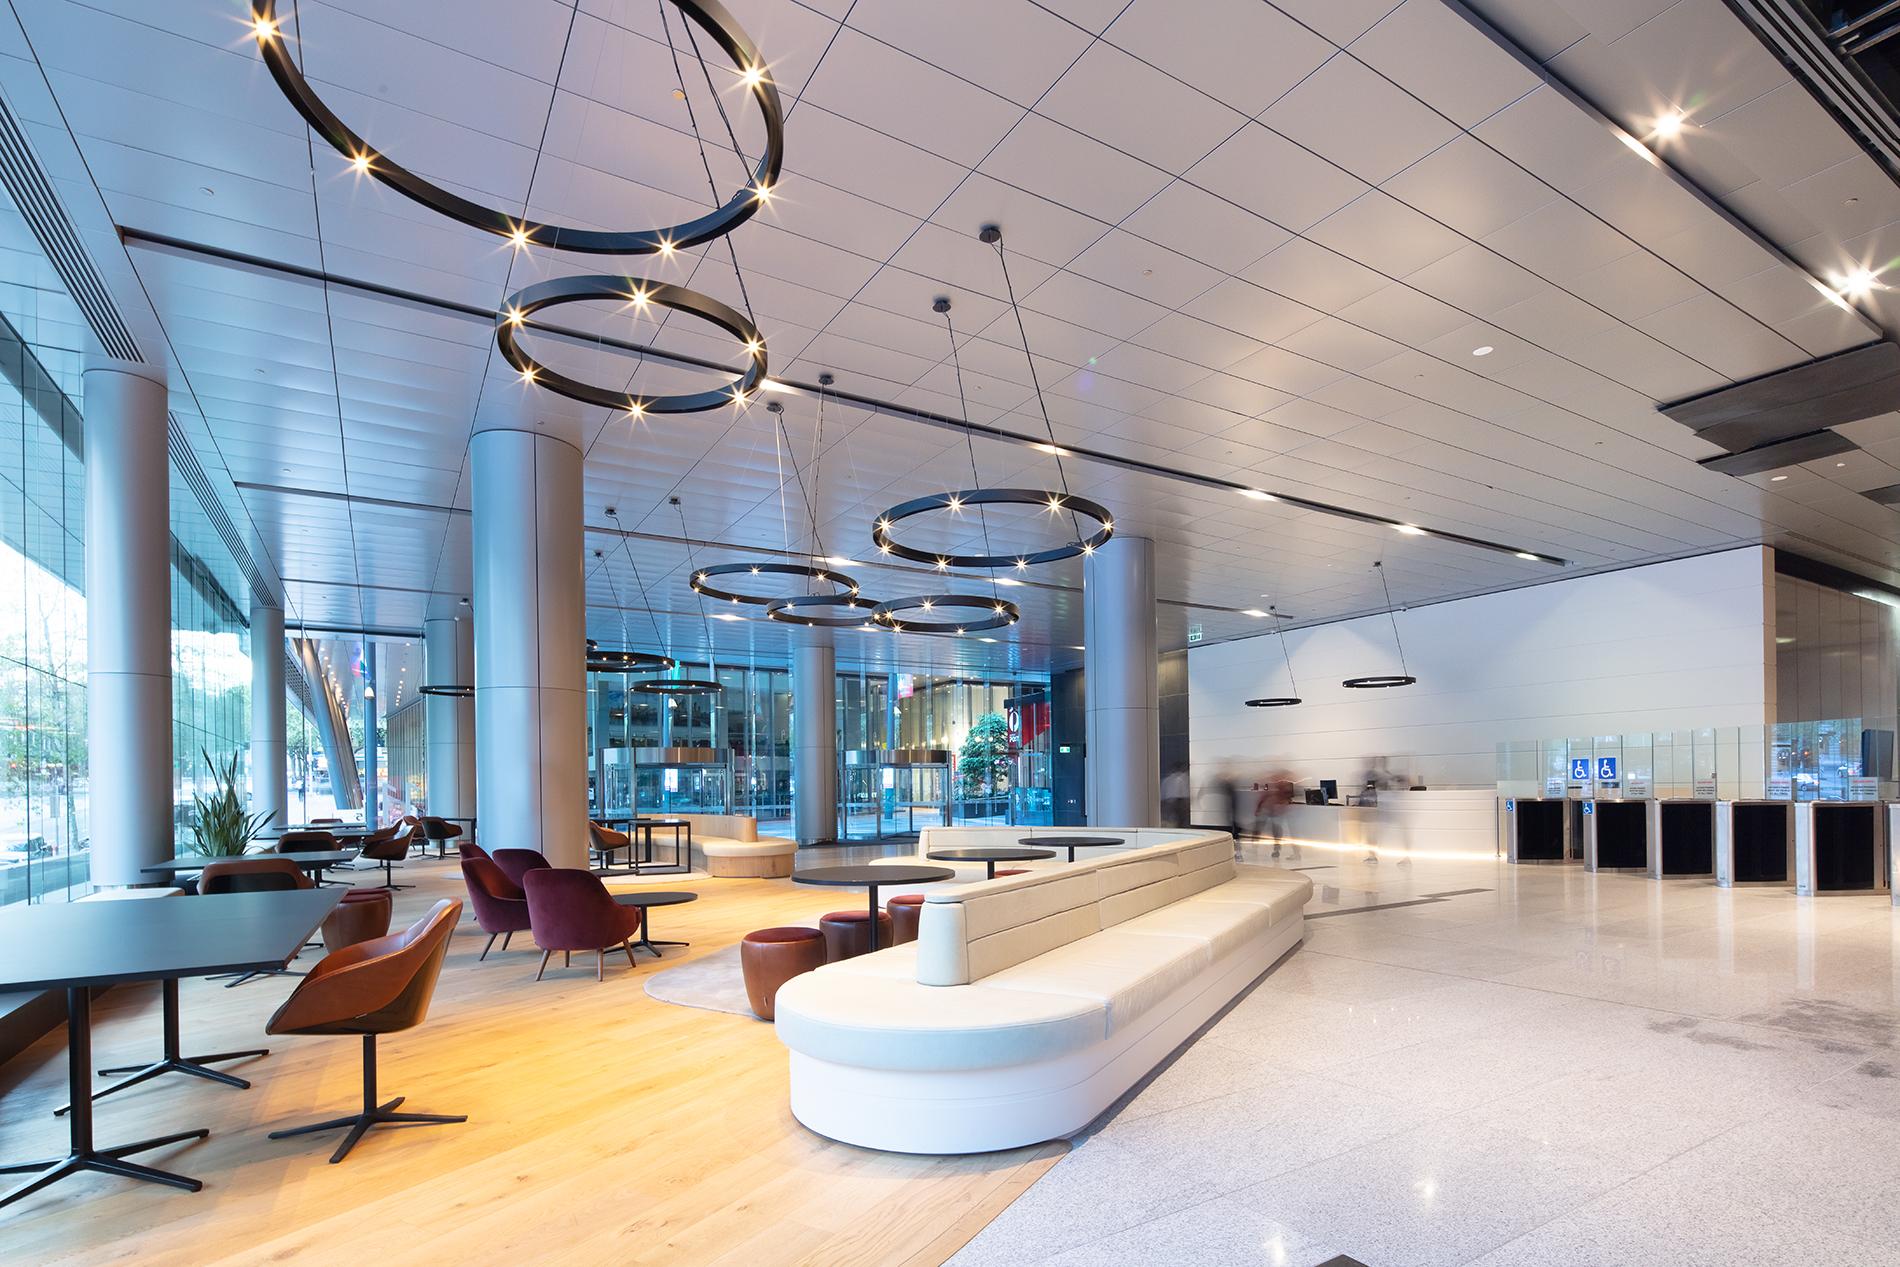 A modern office lobby